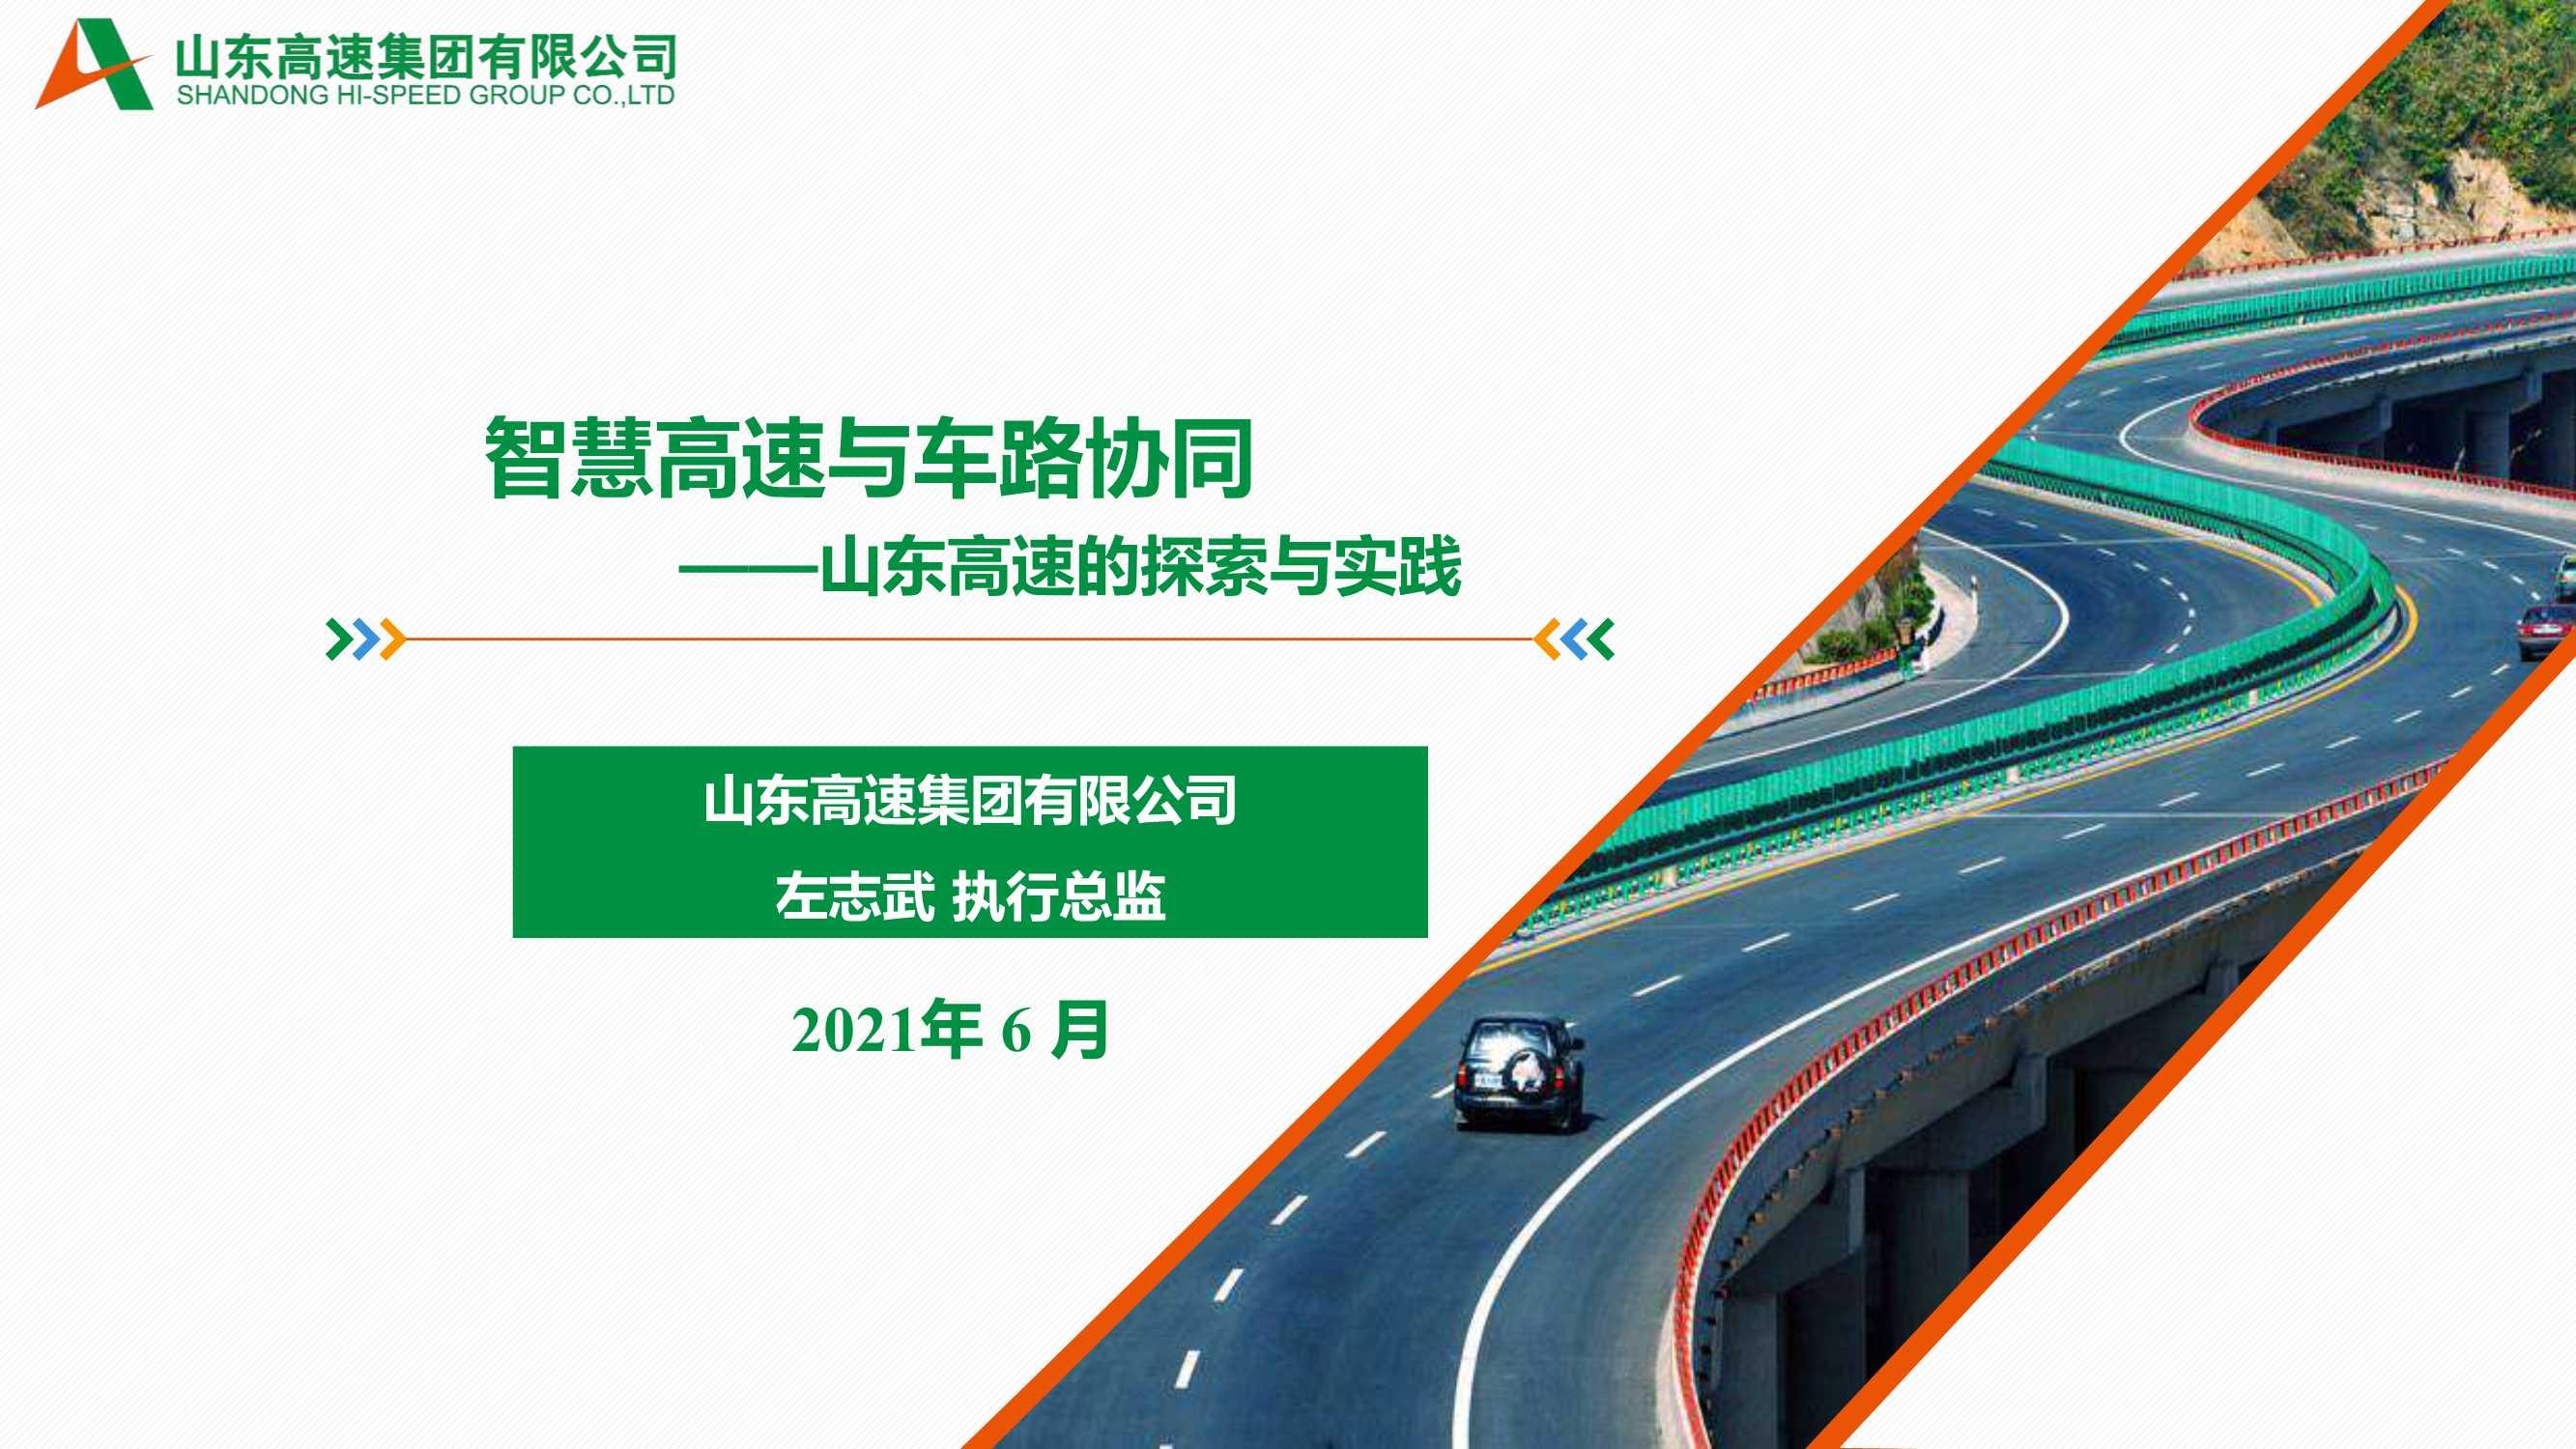 智慧高速与车路协同—山东高速的探索与实践-左志武-2021.04-41页